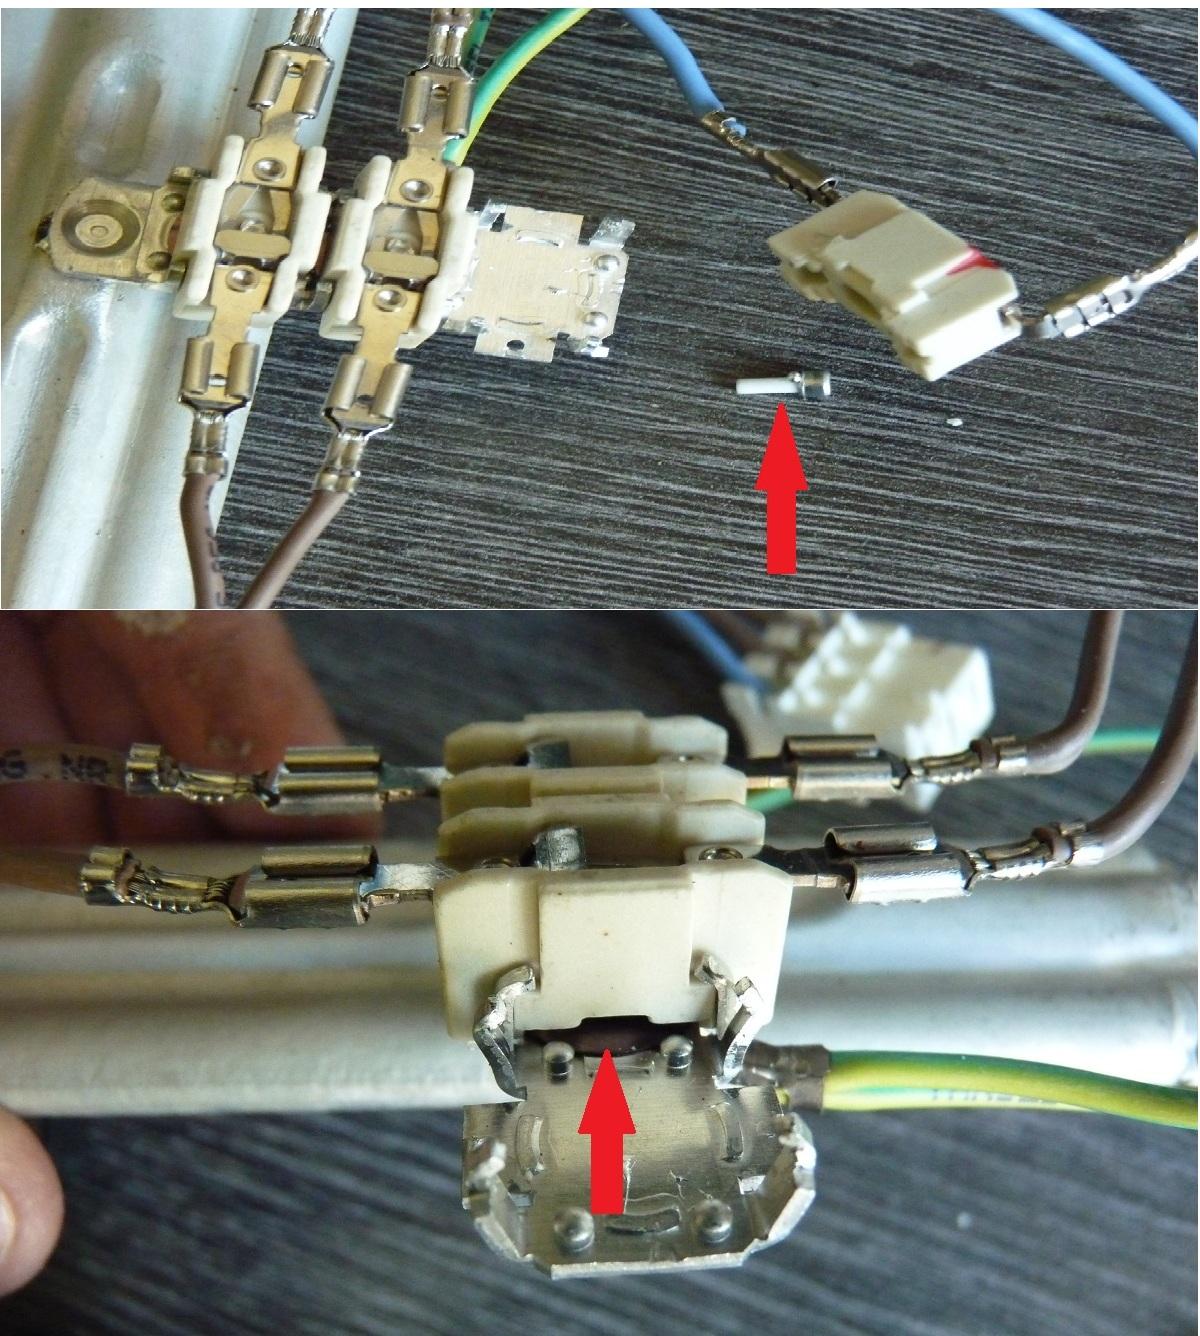 Bekannt Hilfe kein heißes Wasser mehr !!!! EQ7 - Siemens - Kaffee-Welt.net LR57